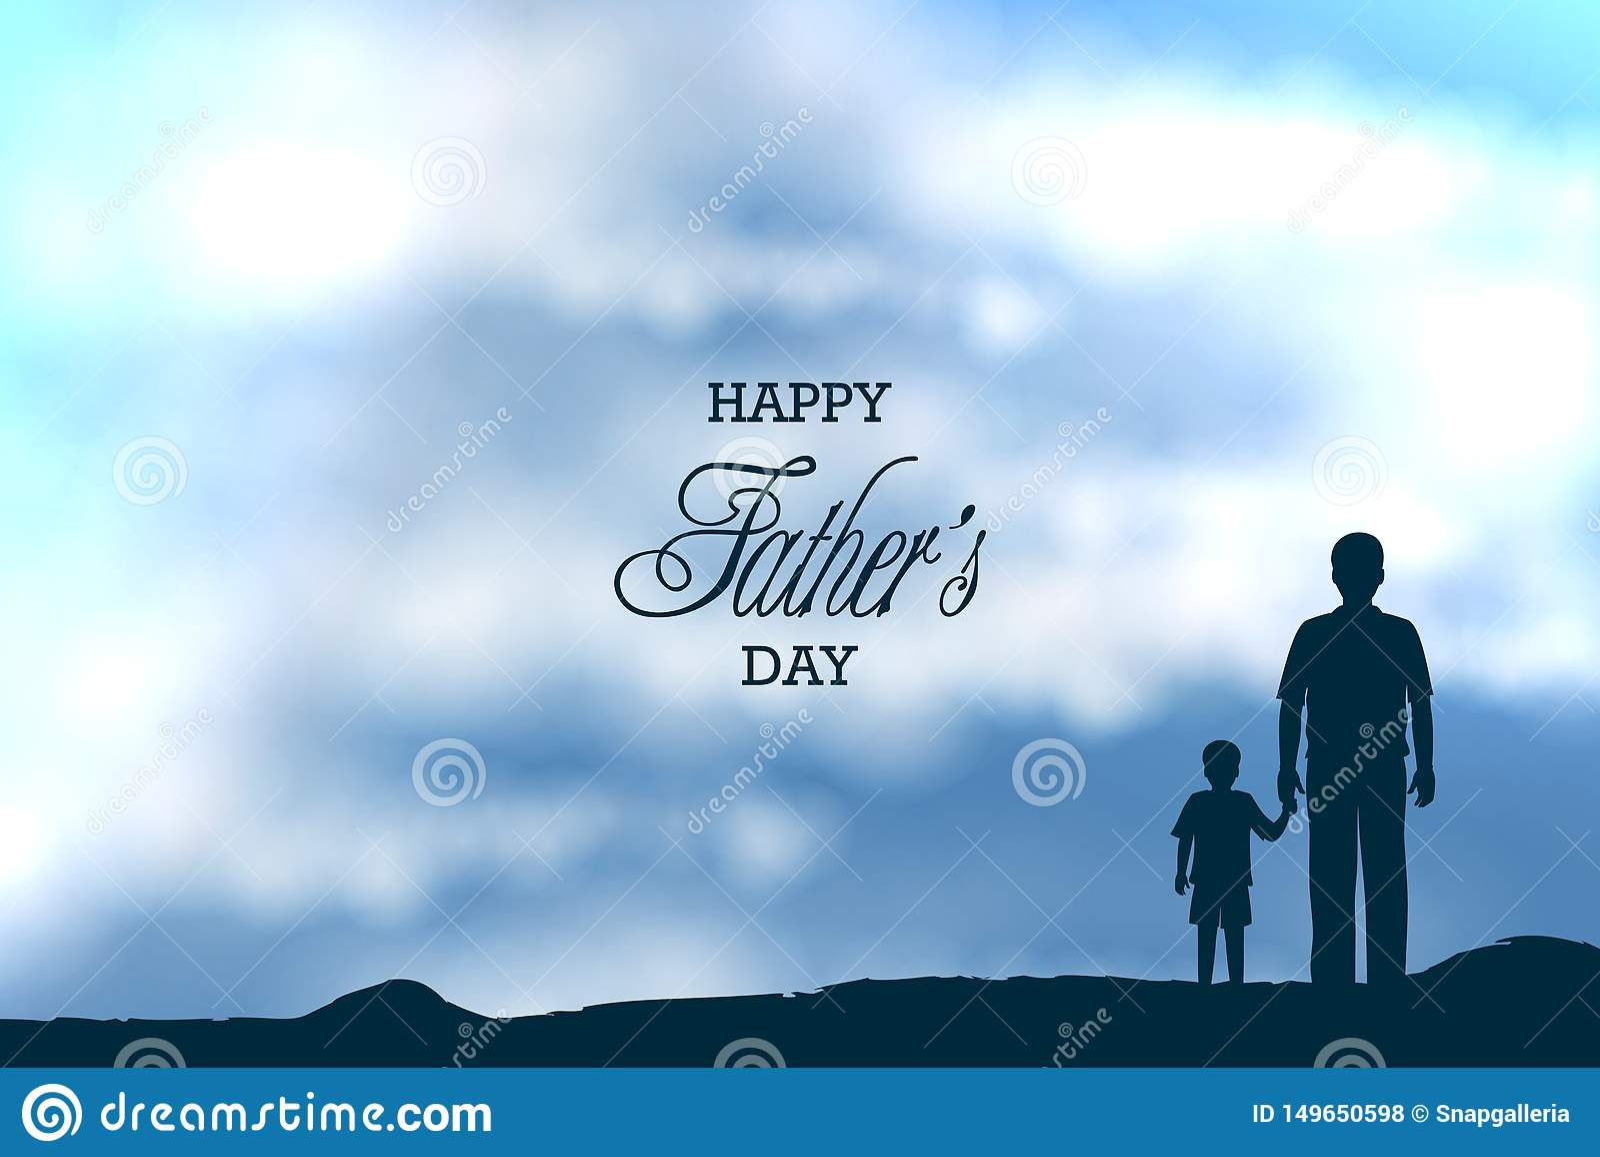 Szczęśliwy ojca dnia tło pokazuje więź uczuciową i związek między dzieciakiem i ojcem